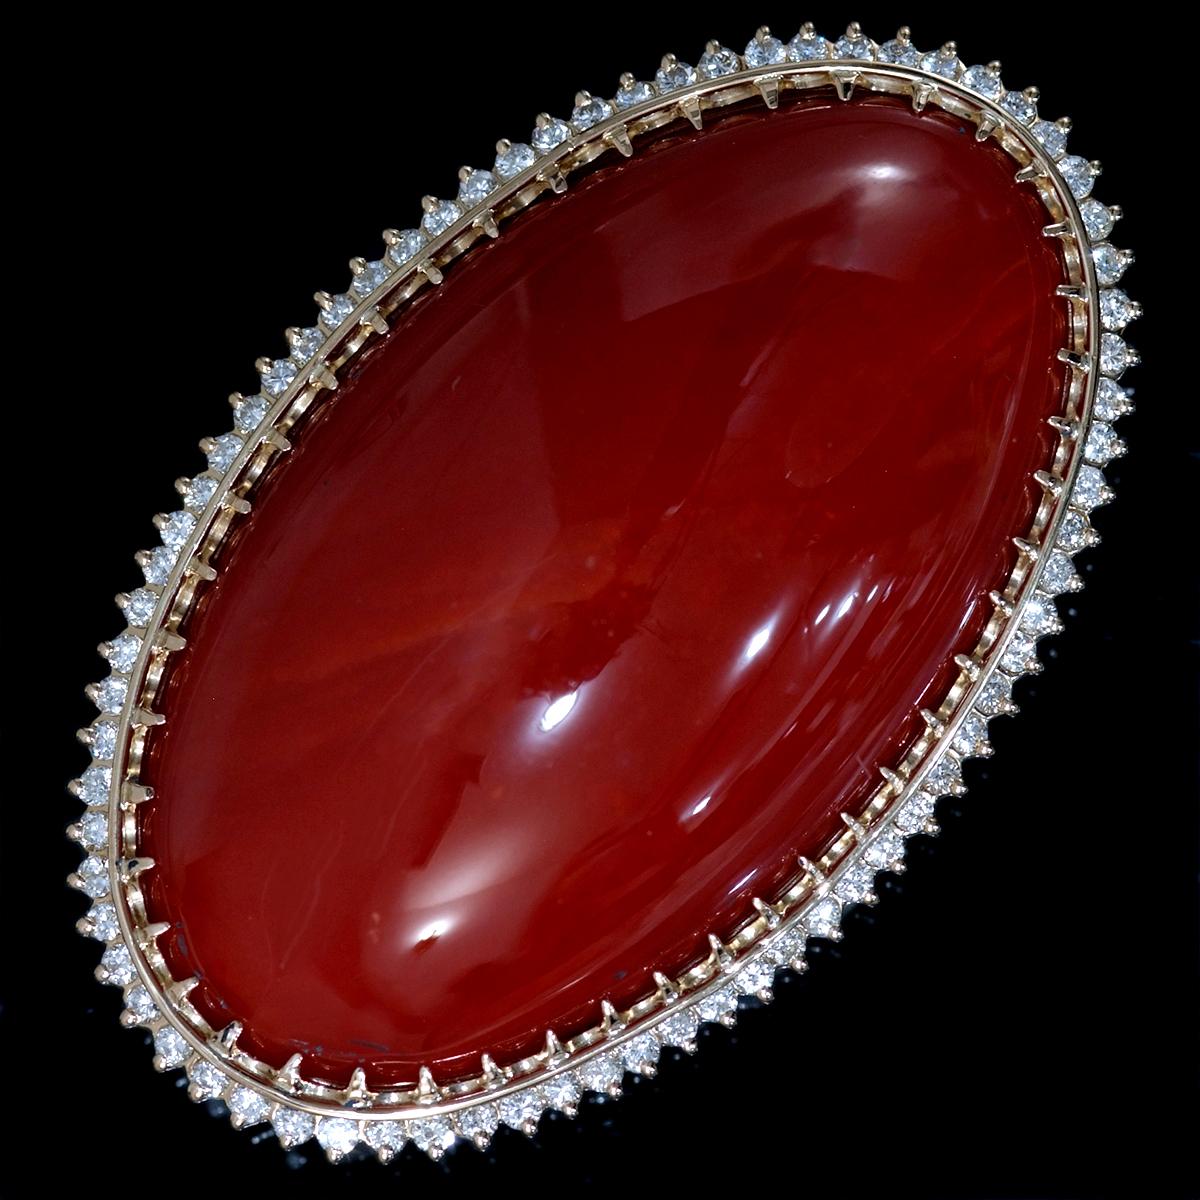 F1799 逸品巨大血赤珊瑚42.1×24.3mm 天然絶品ダイヤ0.71ct 最高級18金無垢セレブリティビックトップ重量21.4g 幅47.6×30.0mm_画像1